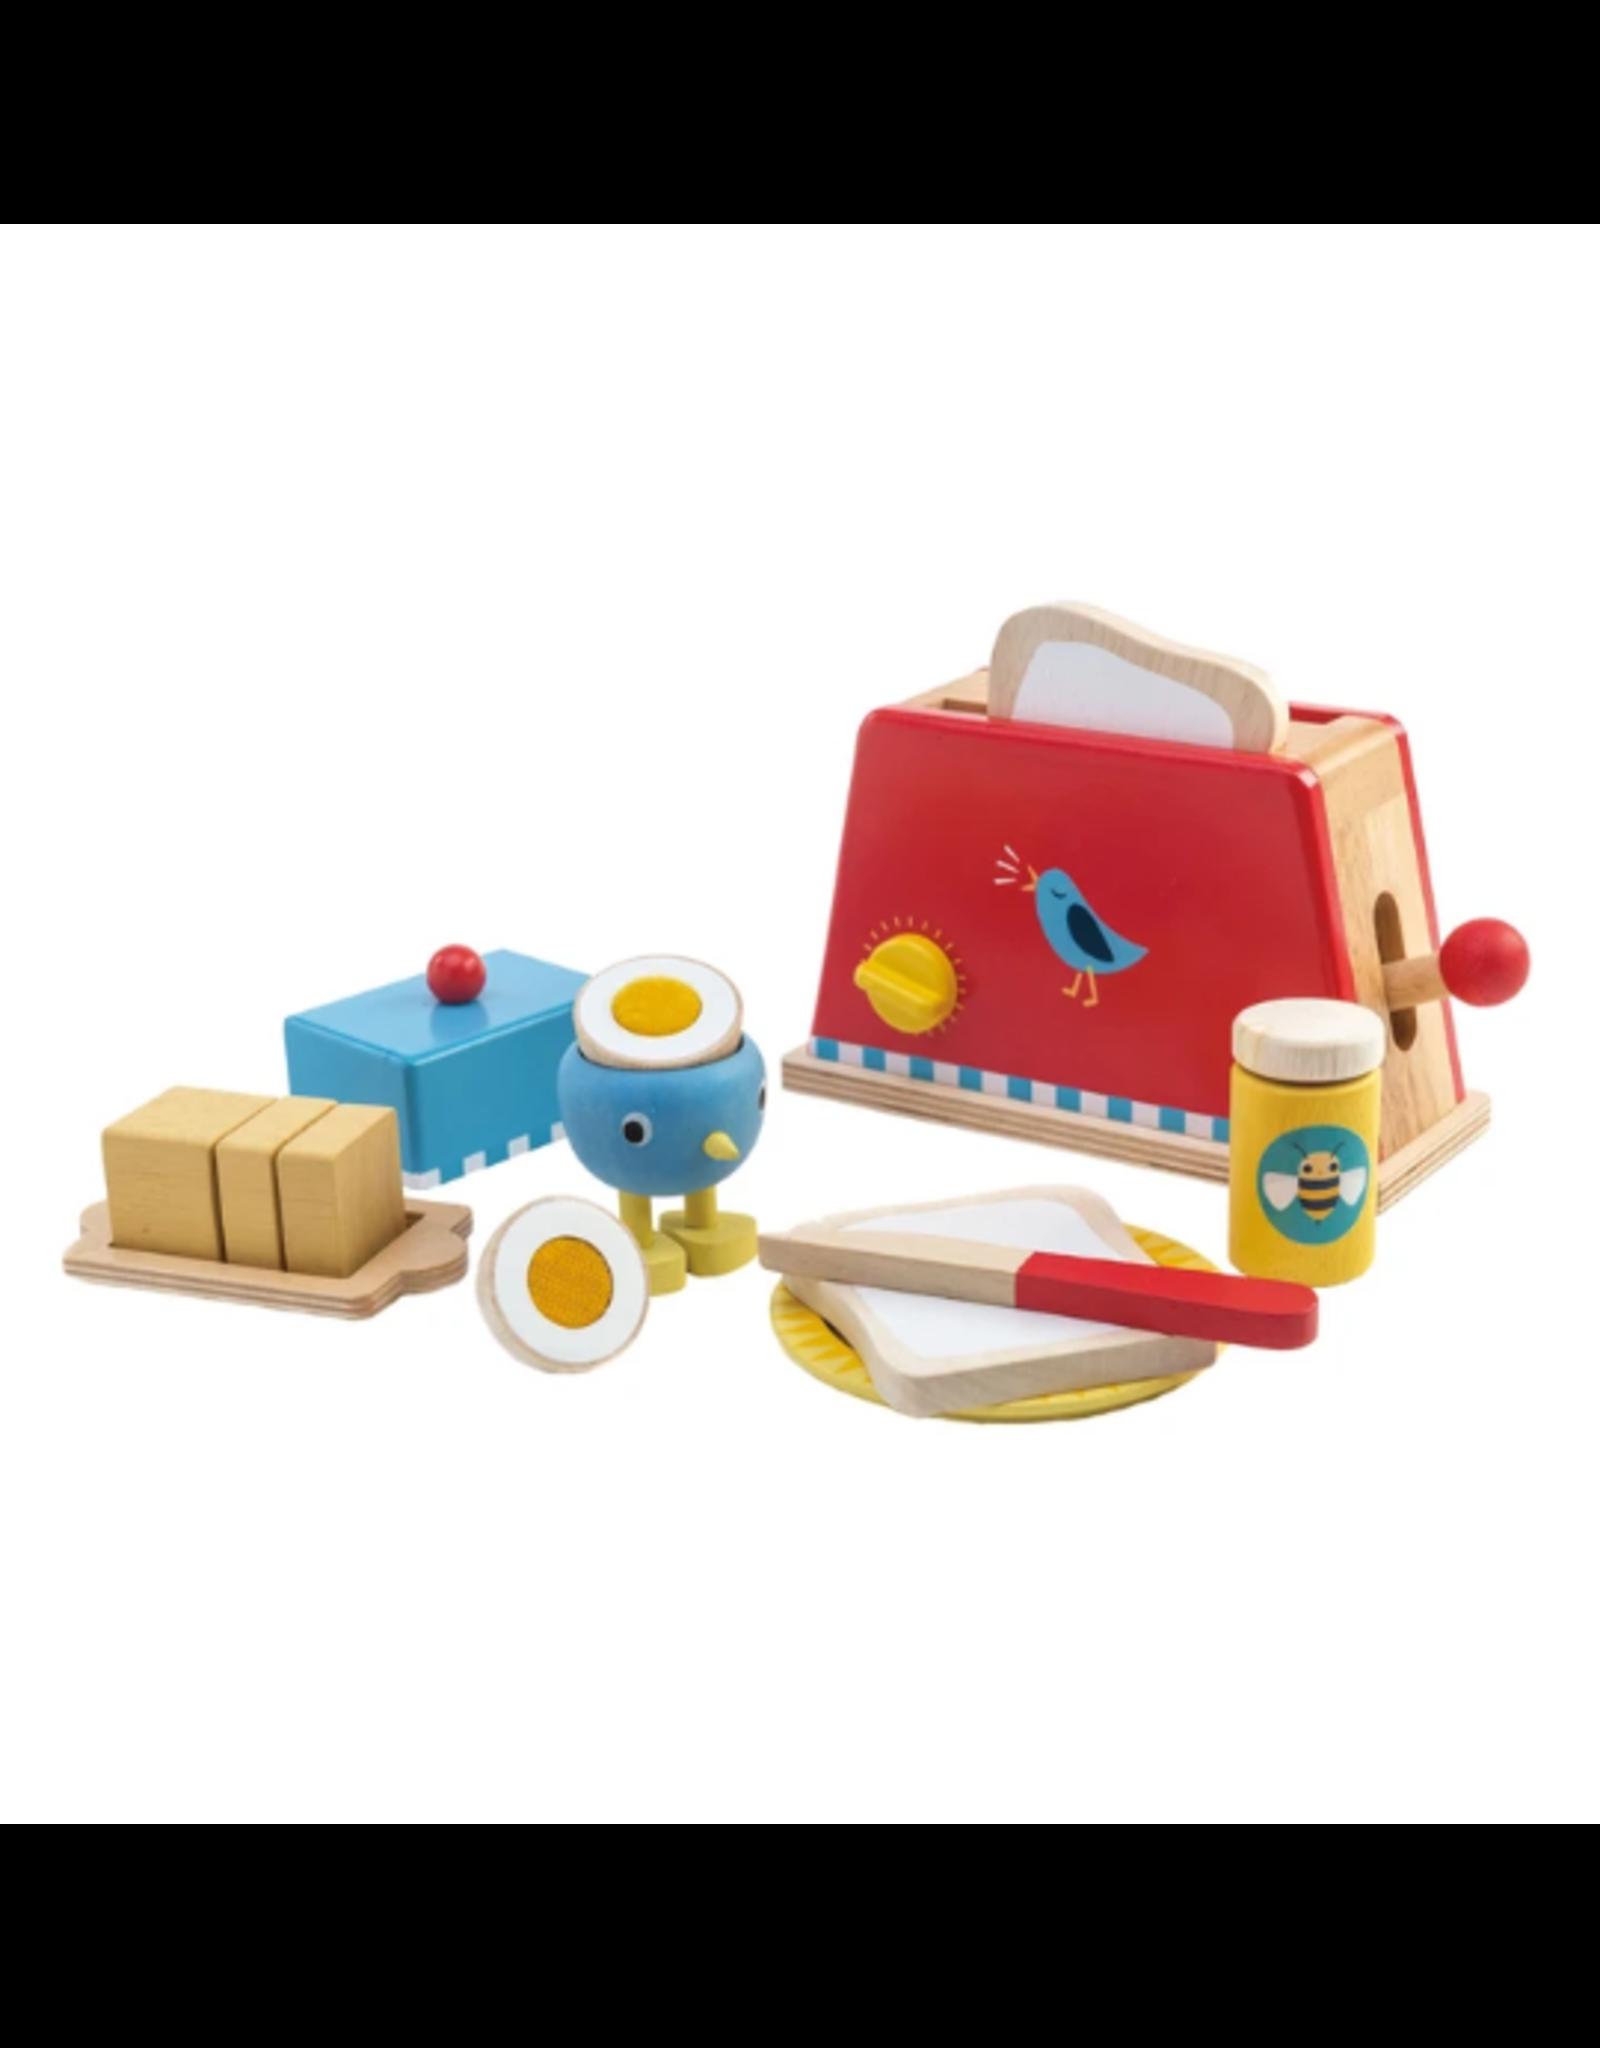 Tender Leaf Toys Toaster & Egg Set